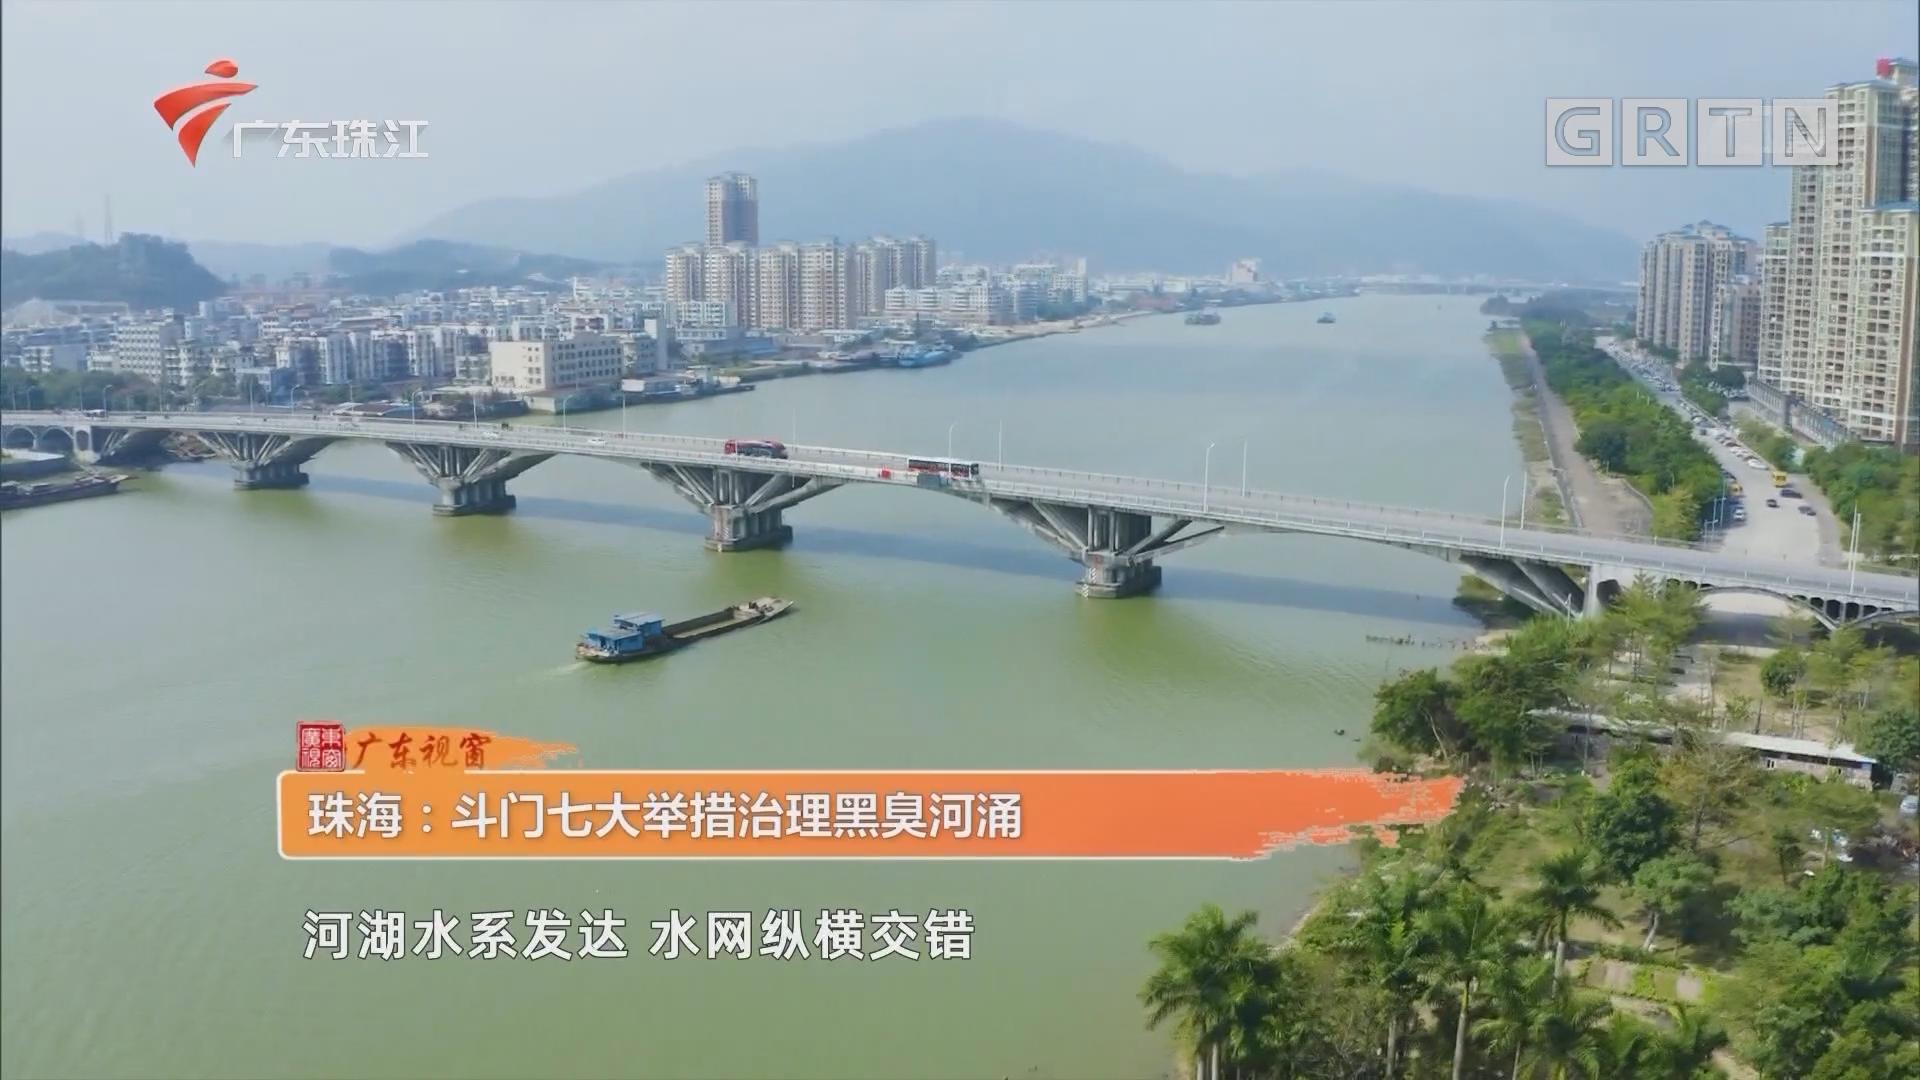 珠海:斗门七大举措治理黑臭河涌